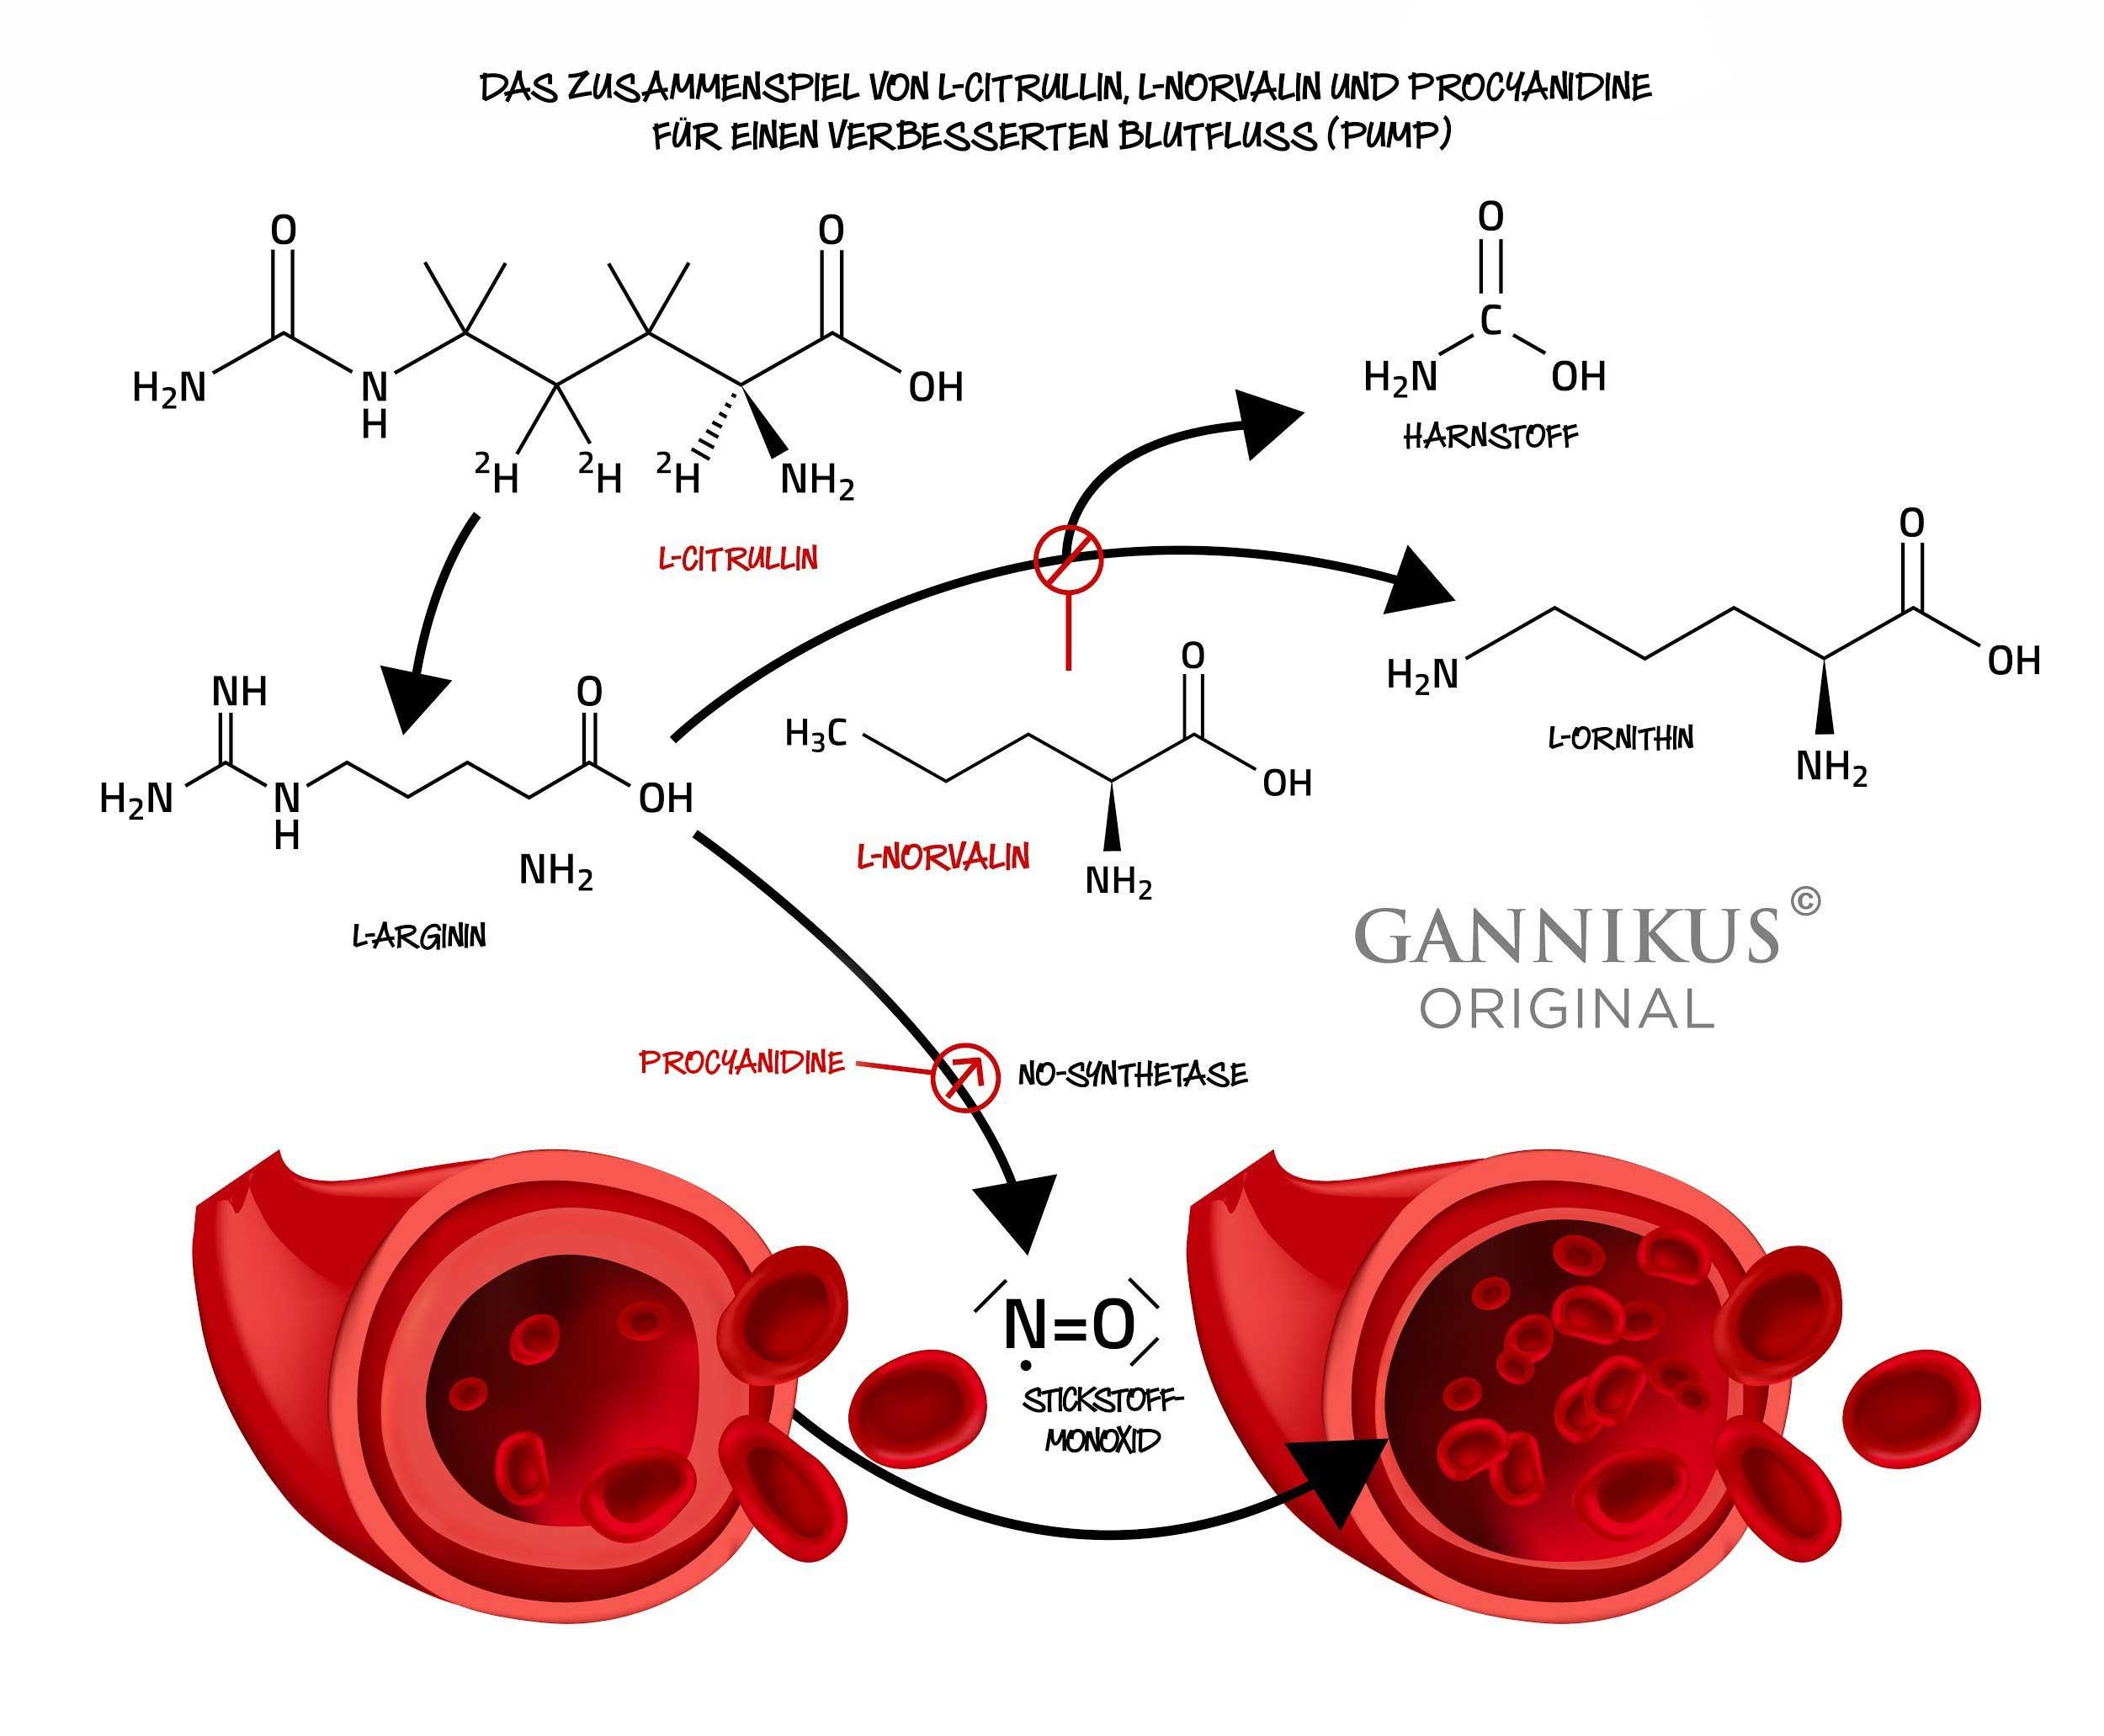 Citrullin Arginin Norvalin Stickstoffmonoxid